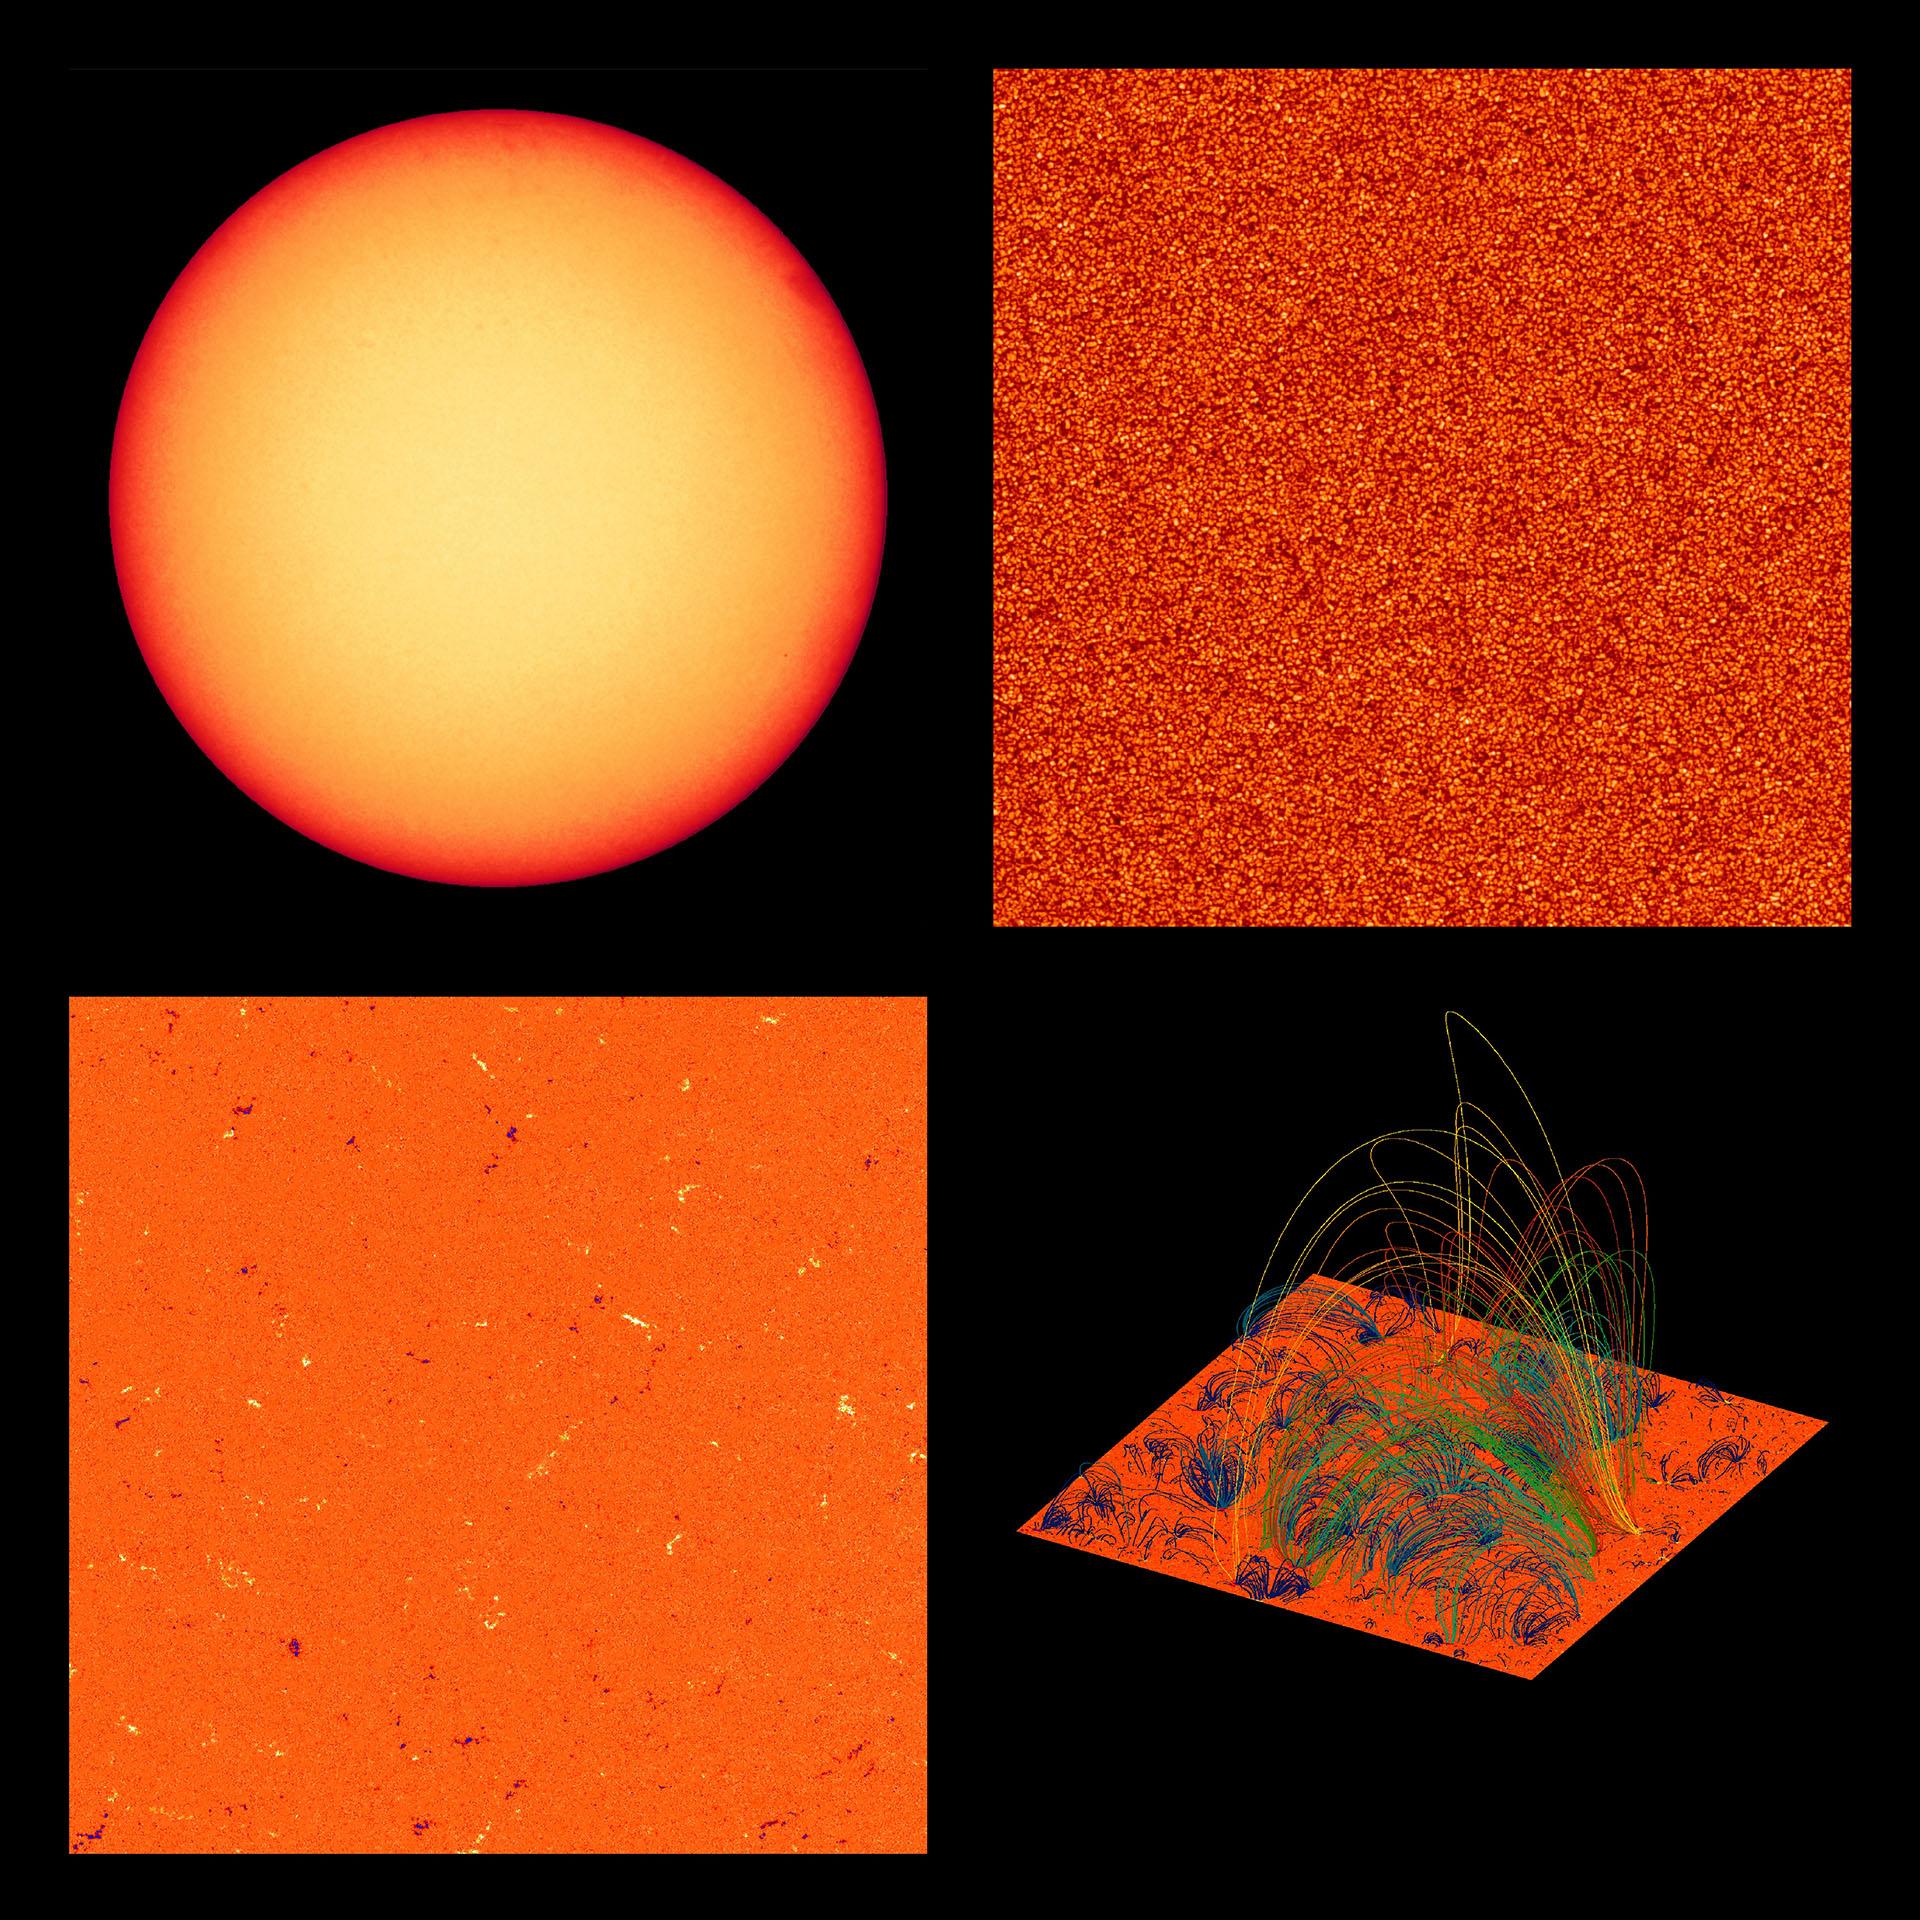 Mediciones del campo magnético cerca de la superficie del Sol que permiten la investigación del interior del Sol a través de la técnica de heliosismología tomada por el Polarimetric and Helioseismic Imager (PHI) a bordo de la nave espacial Solar Orbiter del 30 de mayo al 18 de junio de 2020 (Foto de - / Solar Orbiter / EUI / ESA / NASA / AFP)